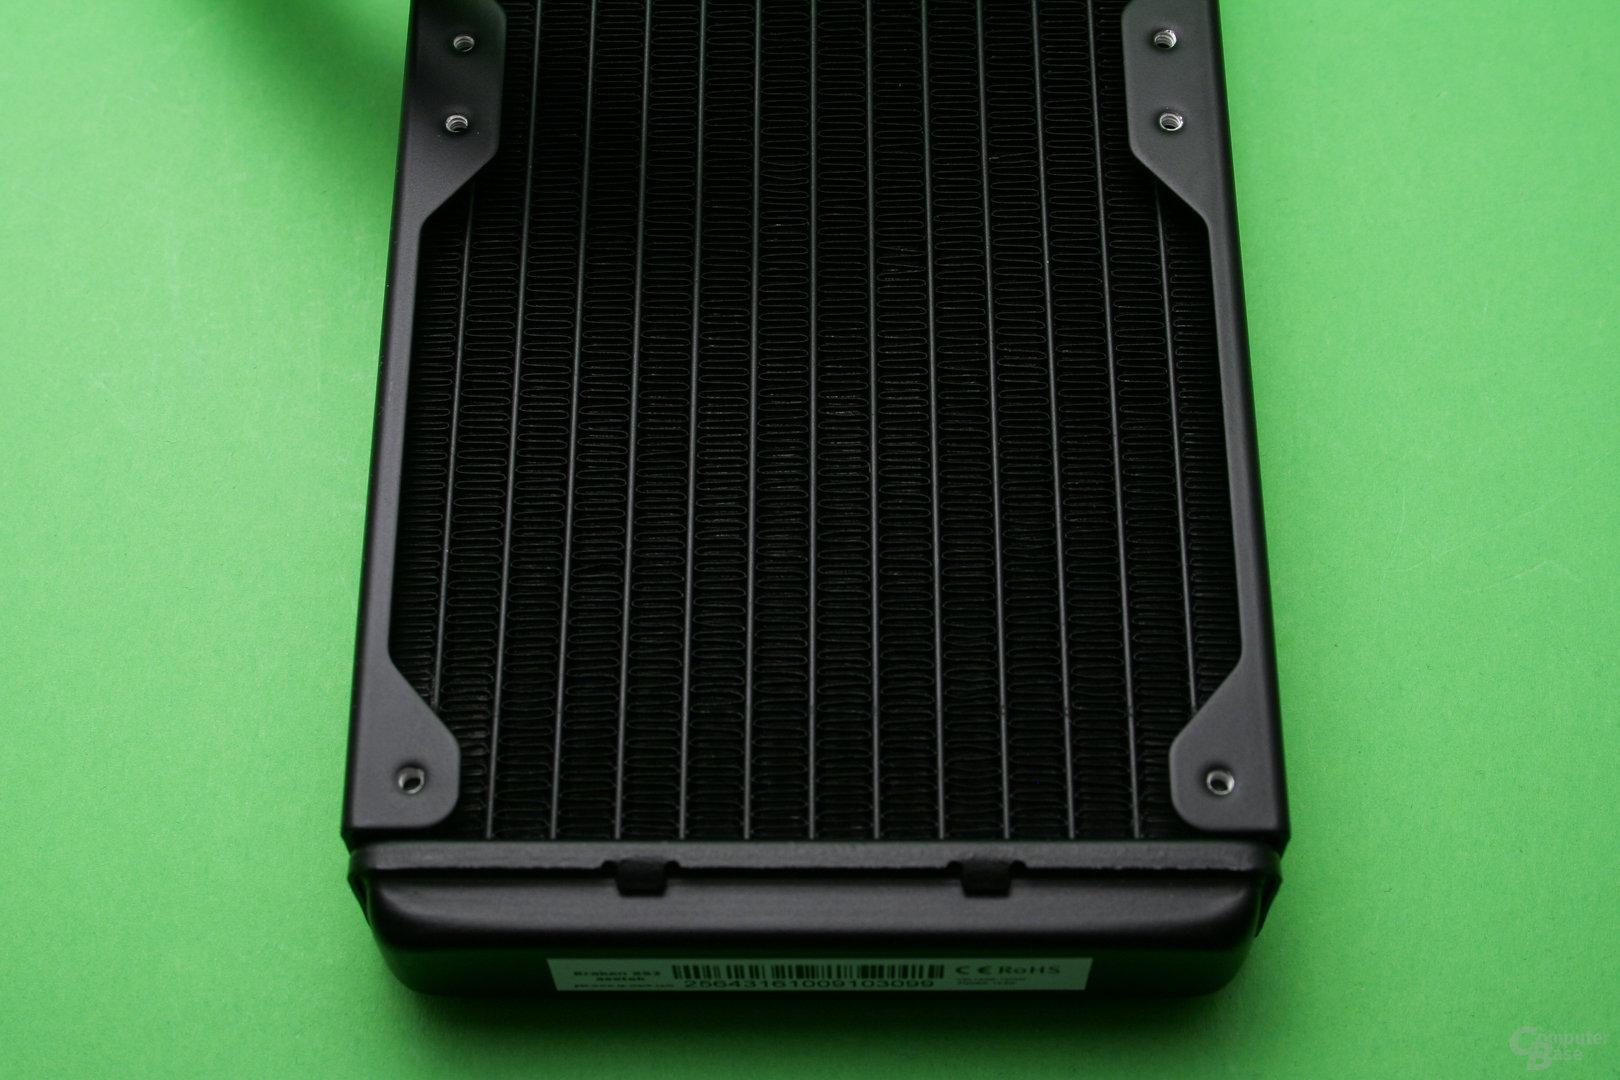 NZXT Kraken X52: Gut verarbeiteter Radiator